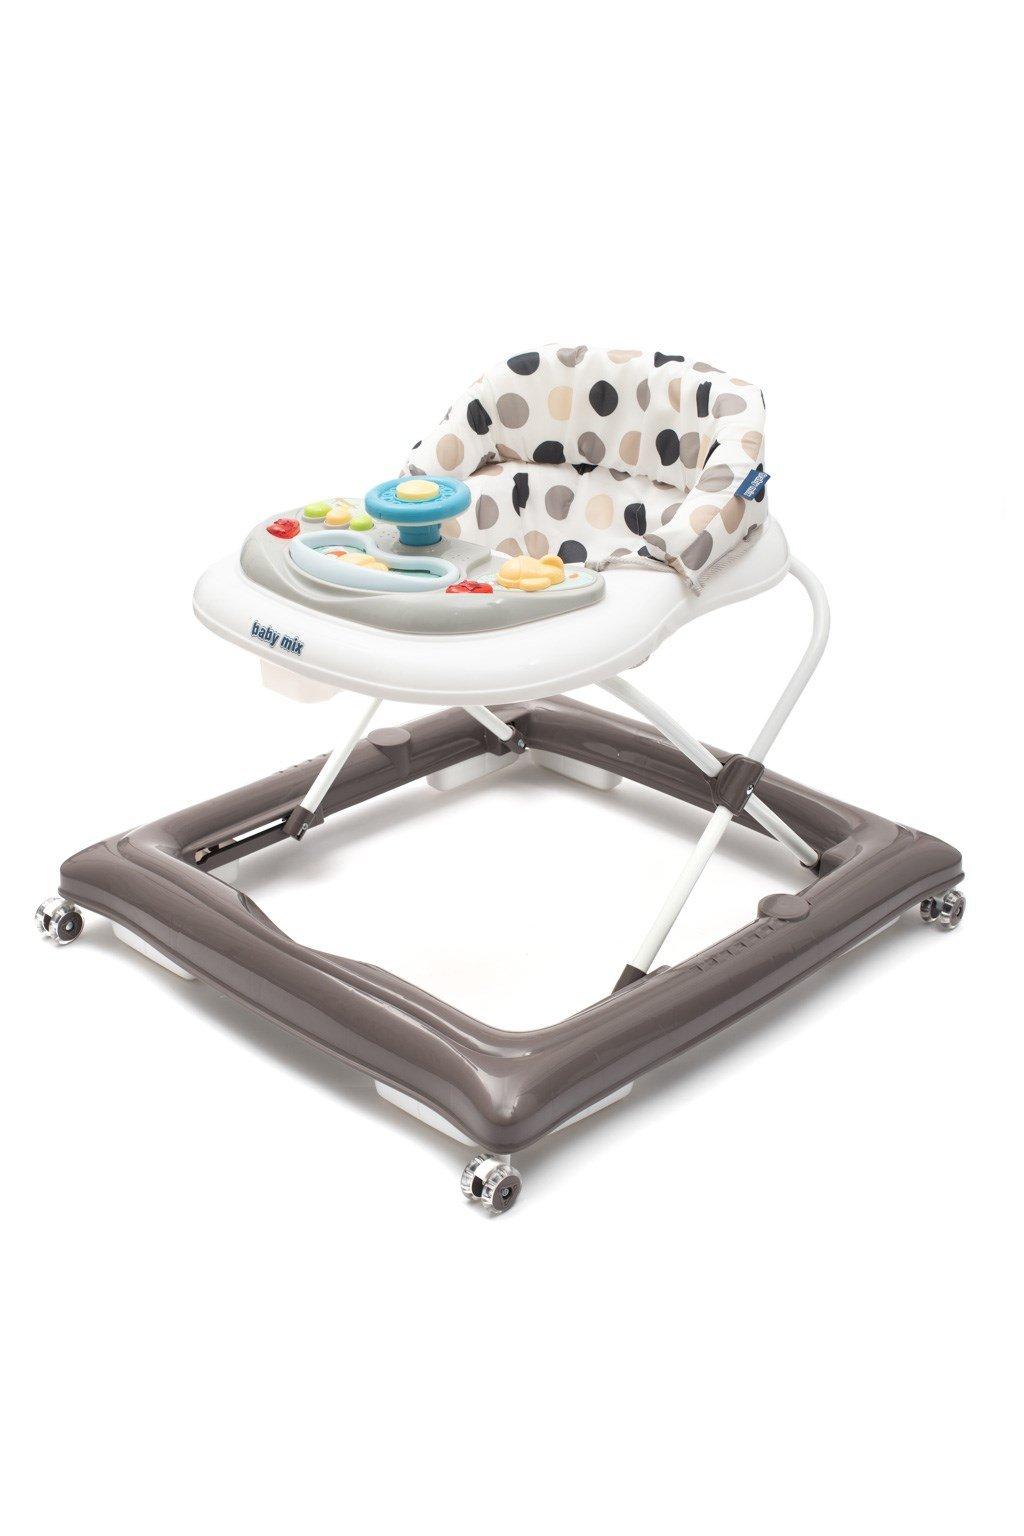 Detské chodítko Baby Mix s volantom a silikónovými kolieskami sivo-biele